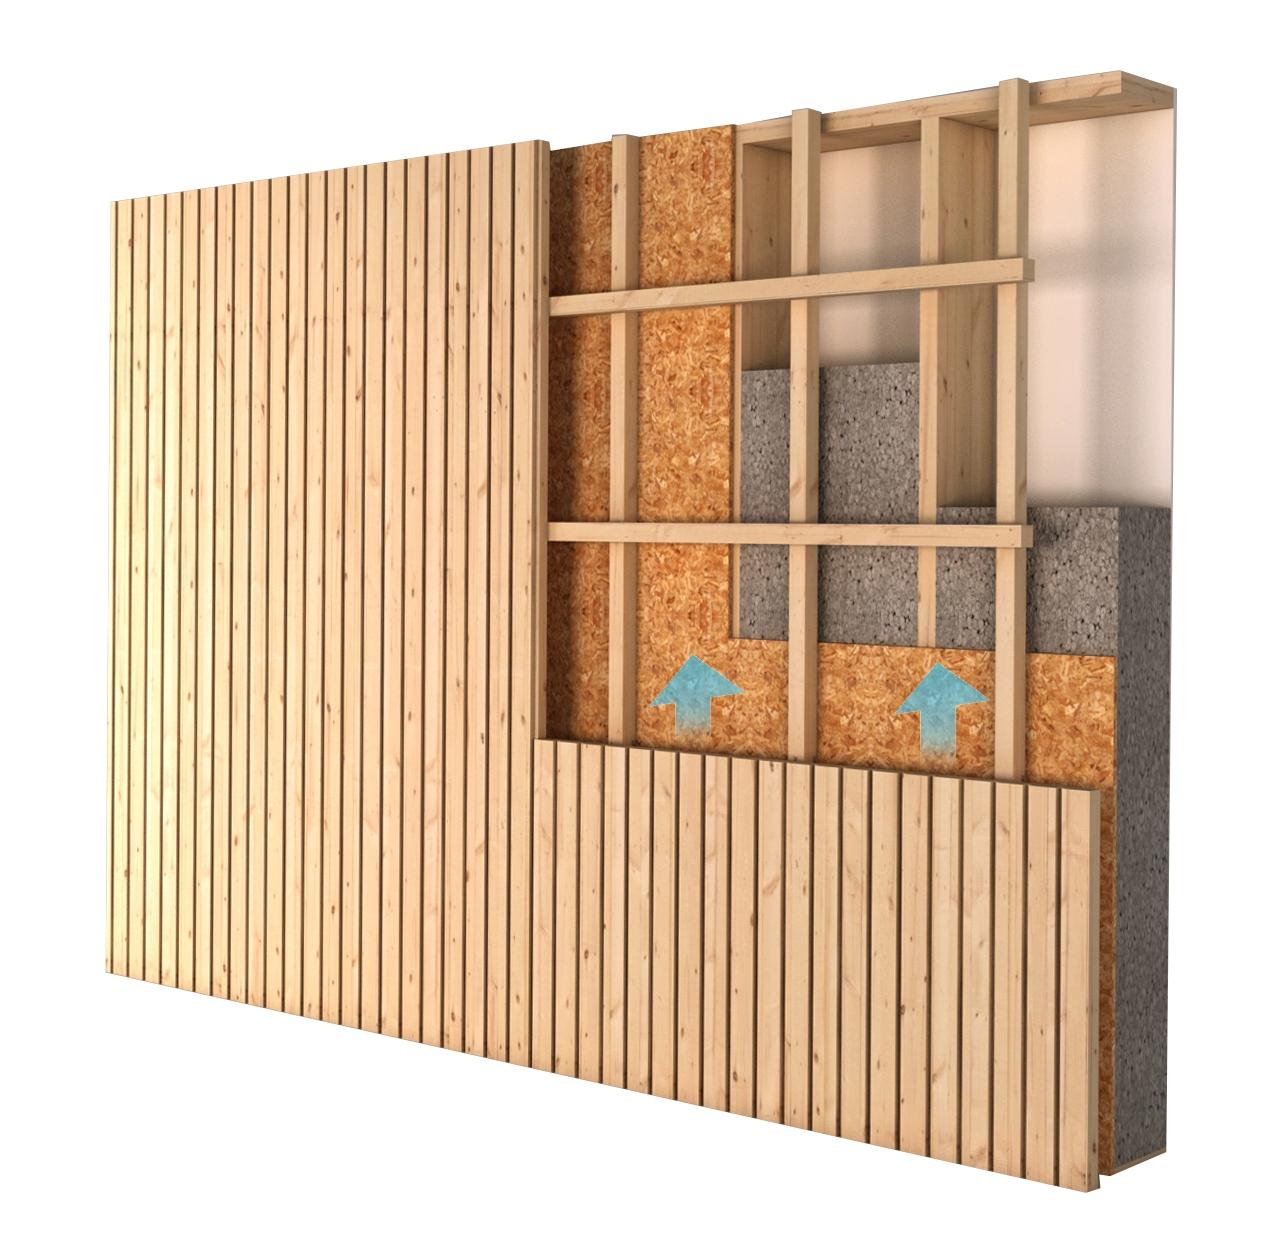 Per què fem cases de fusta i no d'acer? Perquè aïllen més del fred o calor, et permeten estalviar més en calefacció, aire condicionat... i són més ecològiques!